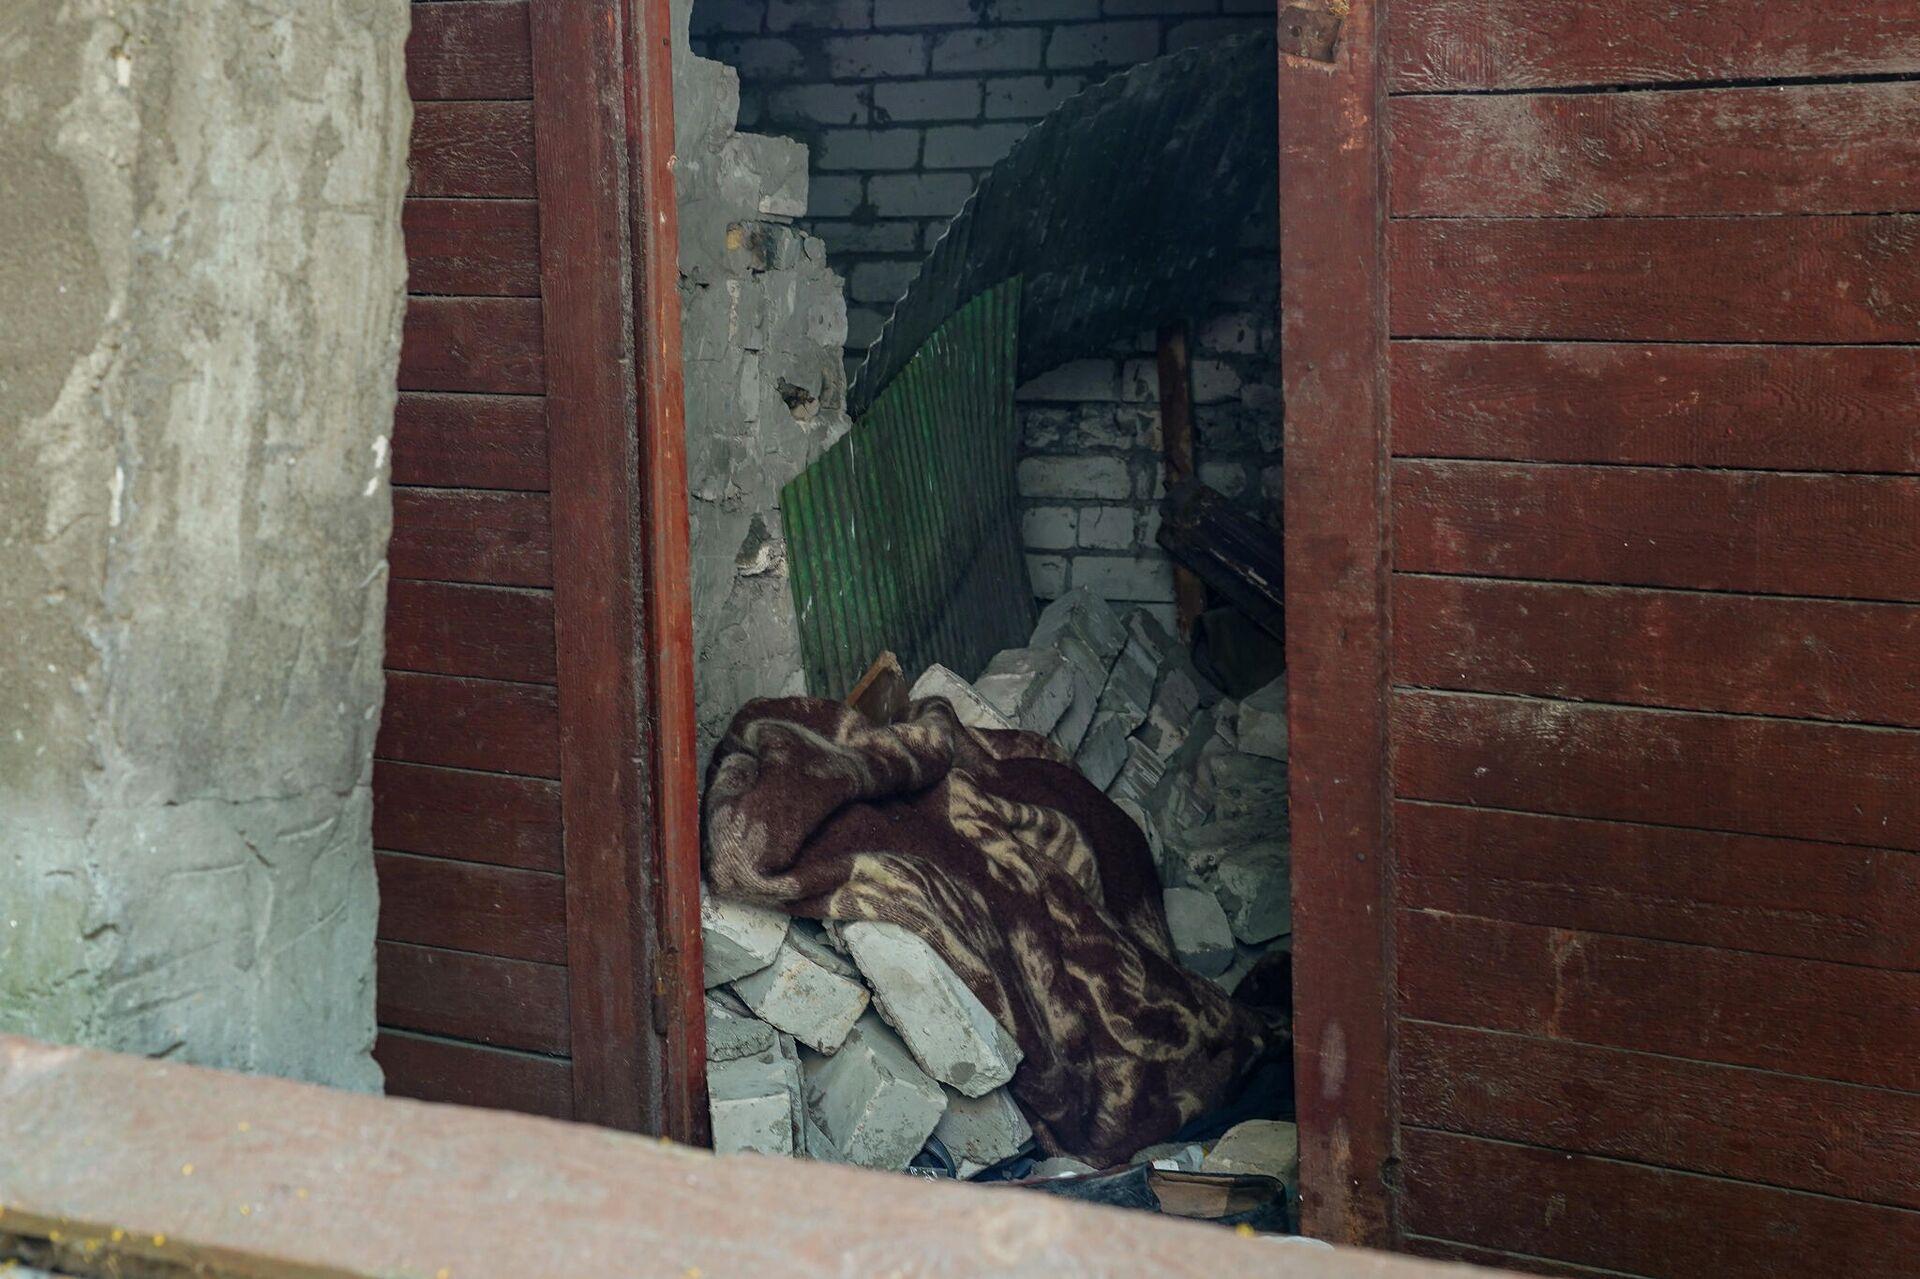 Хозпостройка на улице Матиса, где обрушившаяся стена придавила мужчину - Sputnik Латвия, 1920, 06.07.2021